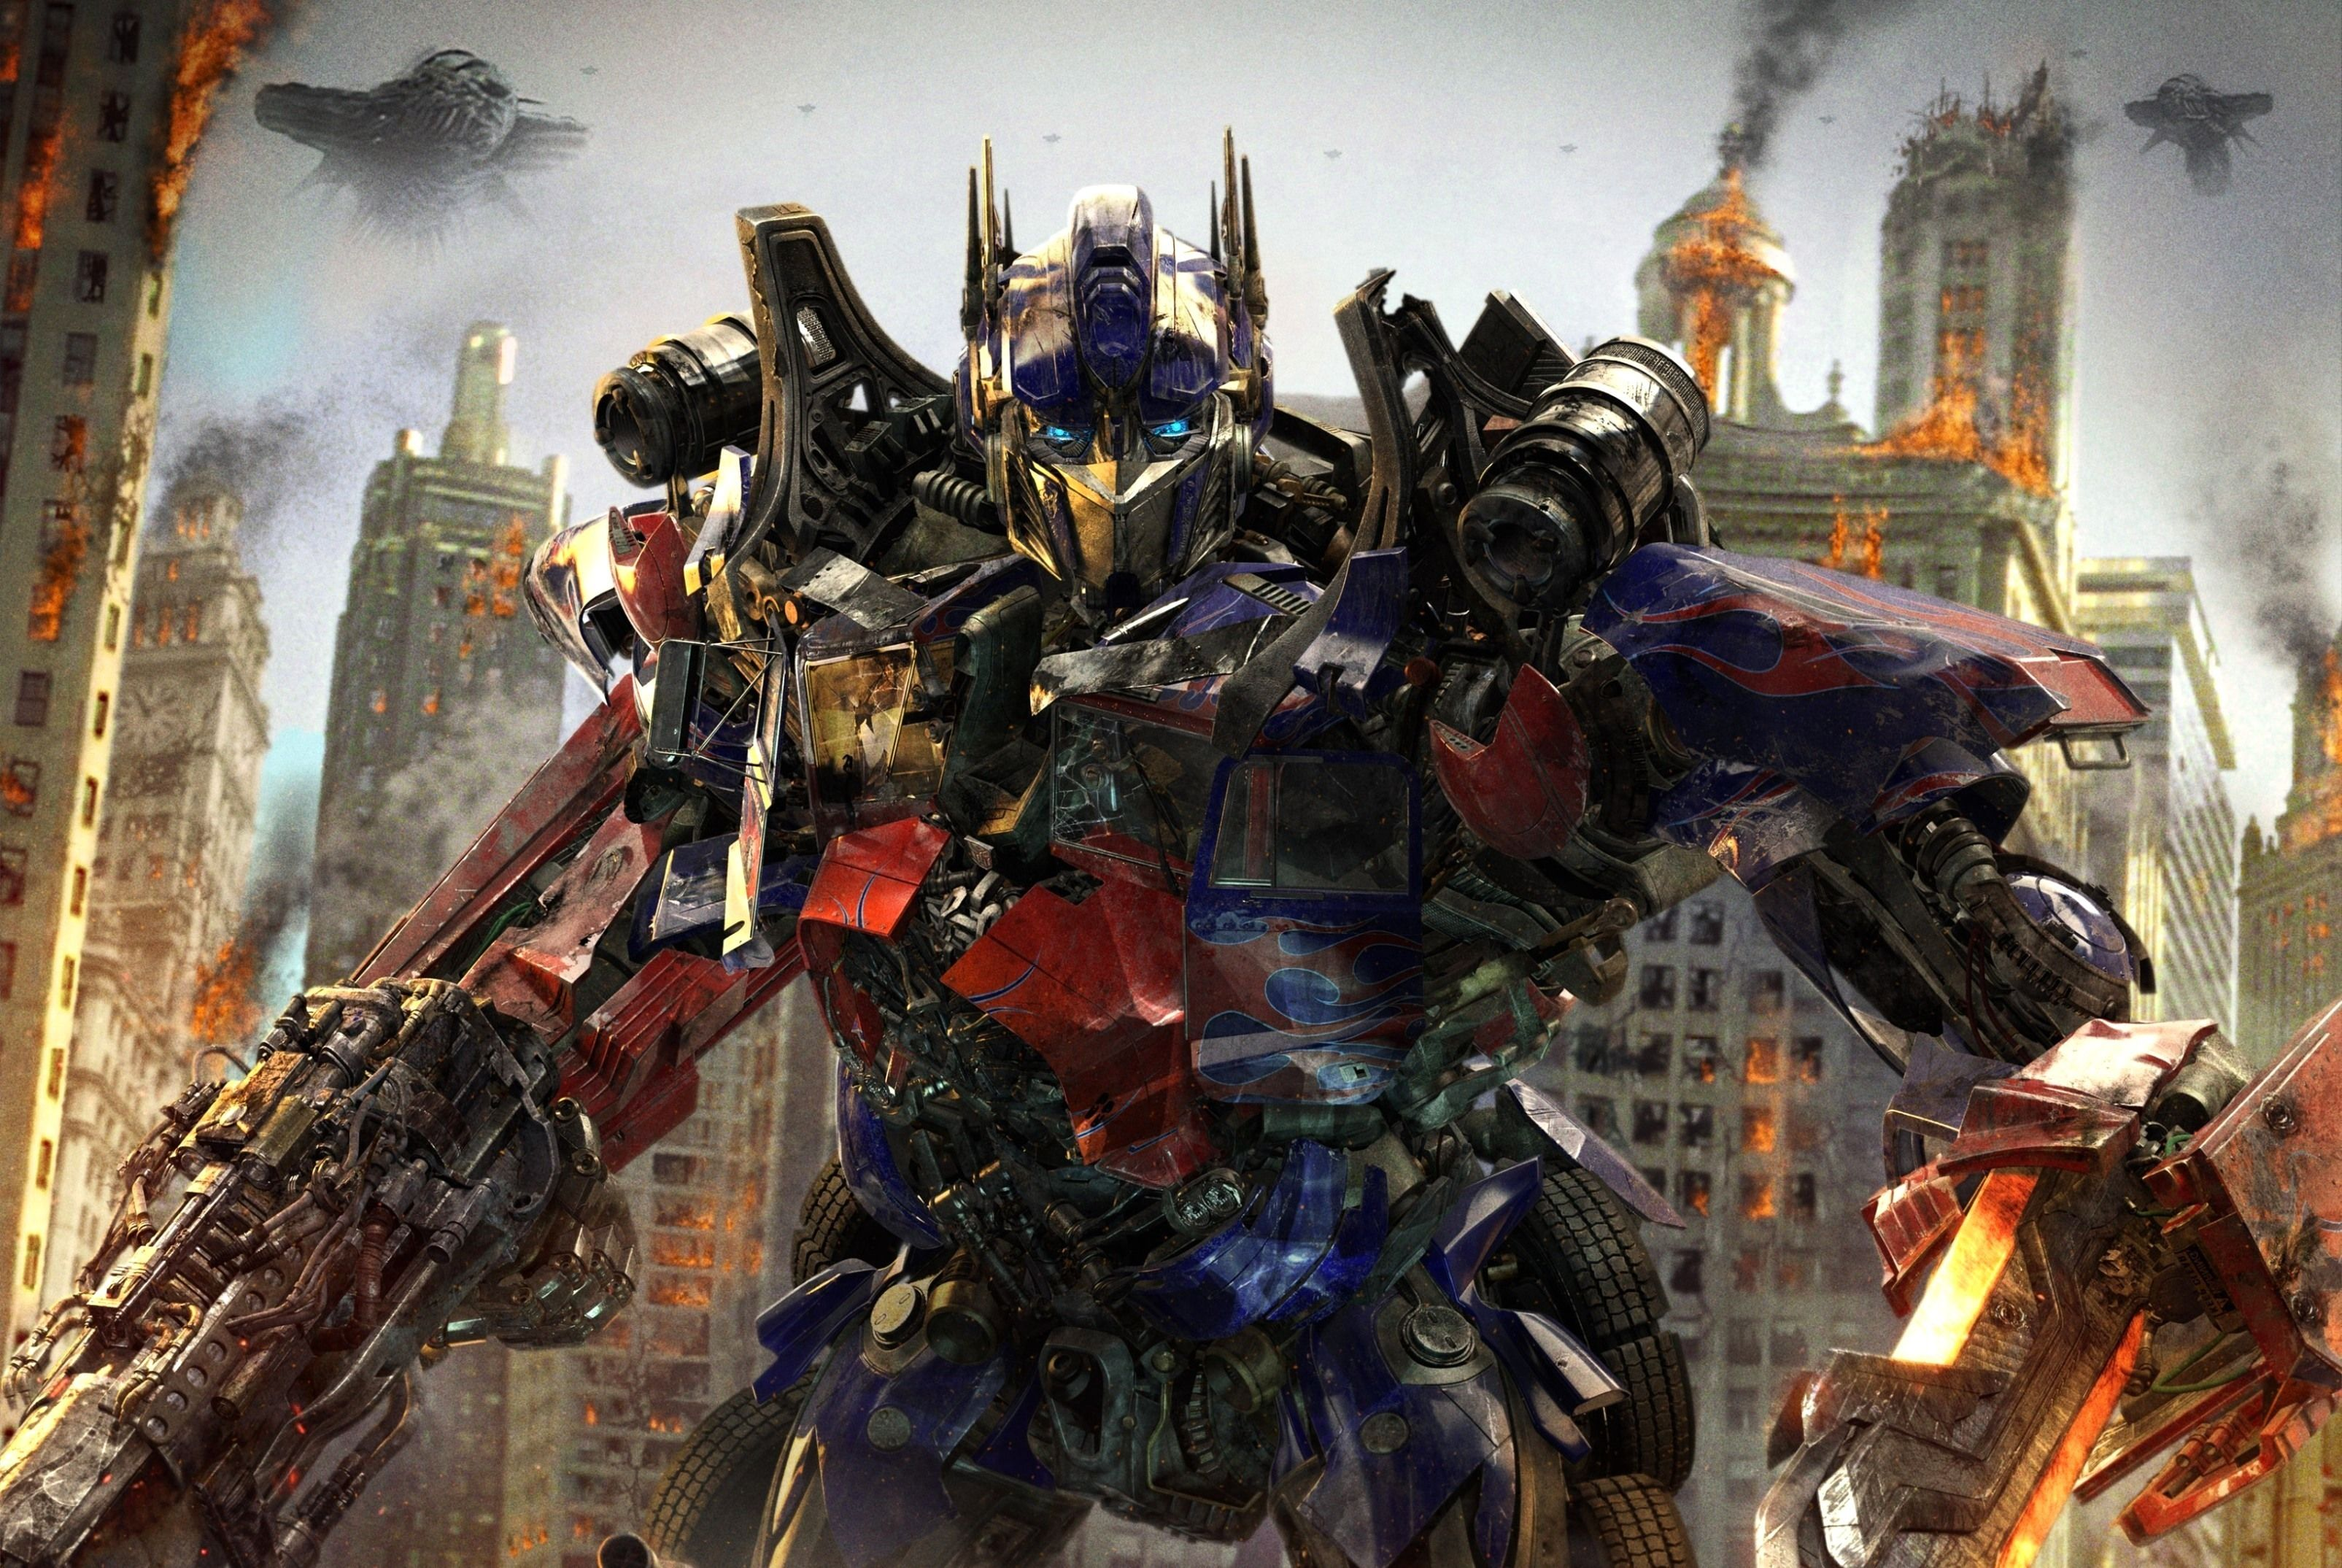 Transformers 3 Optimus Prime Wallpapers - Wallpaper Cave